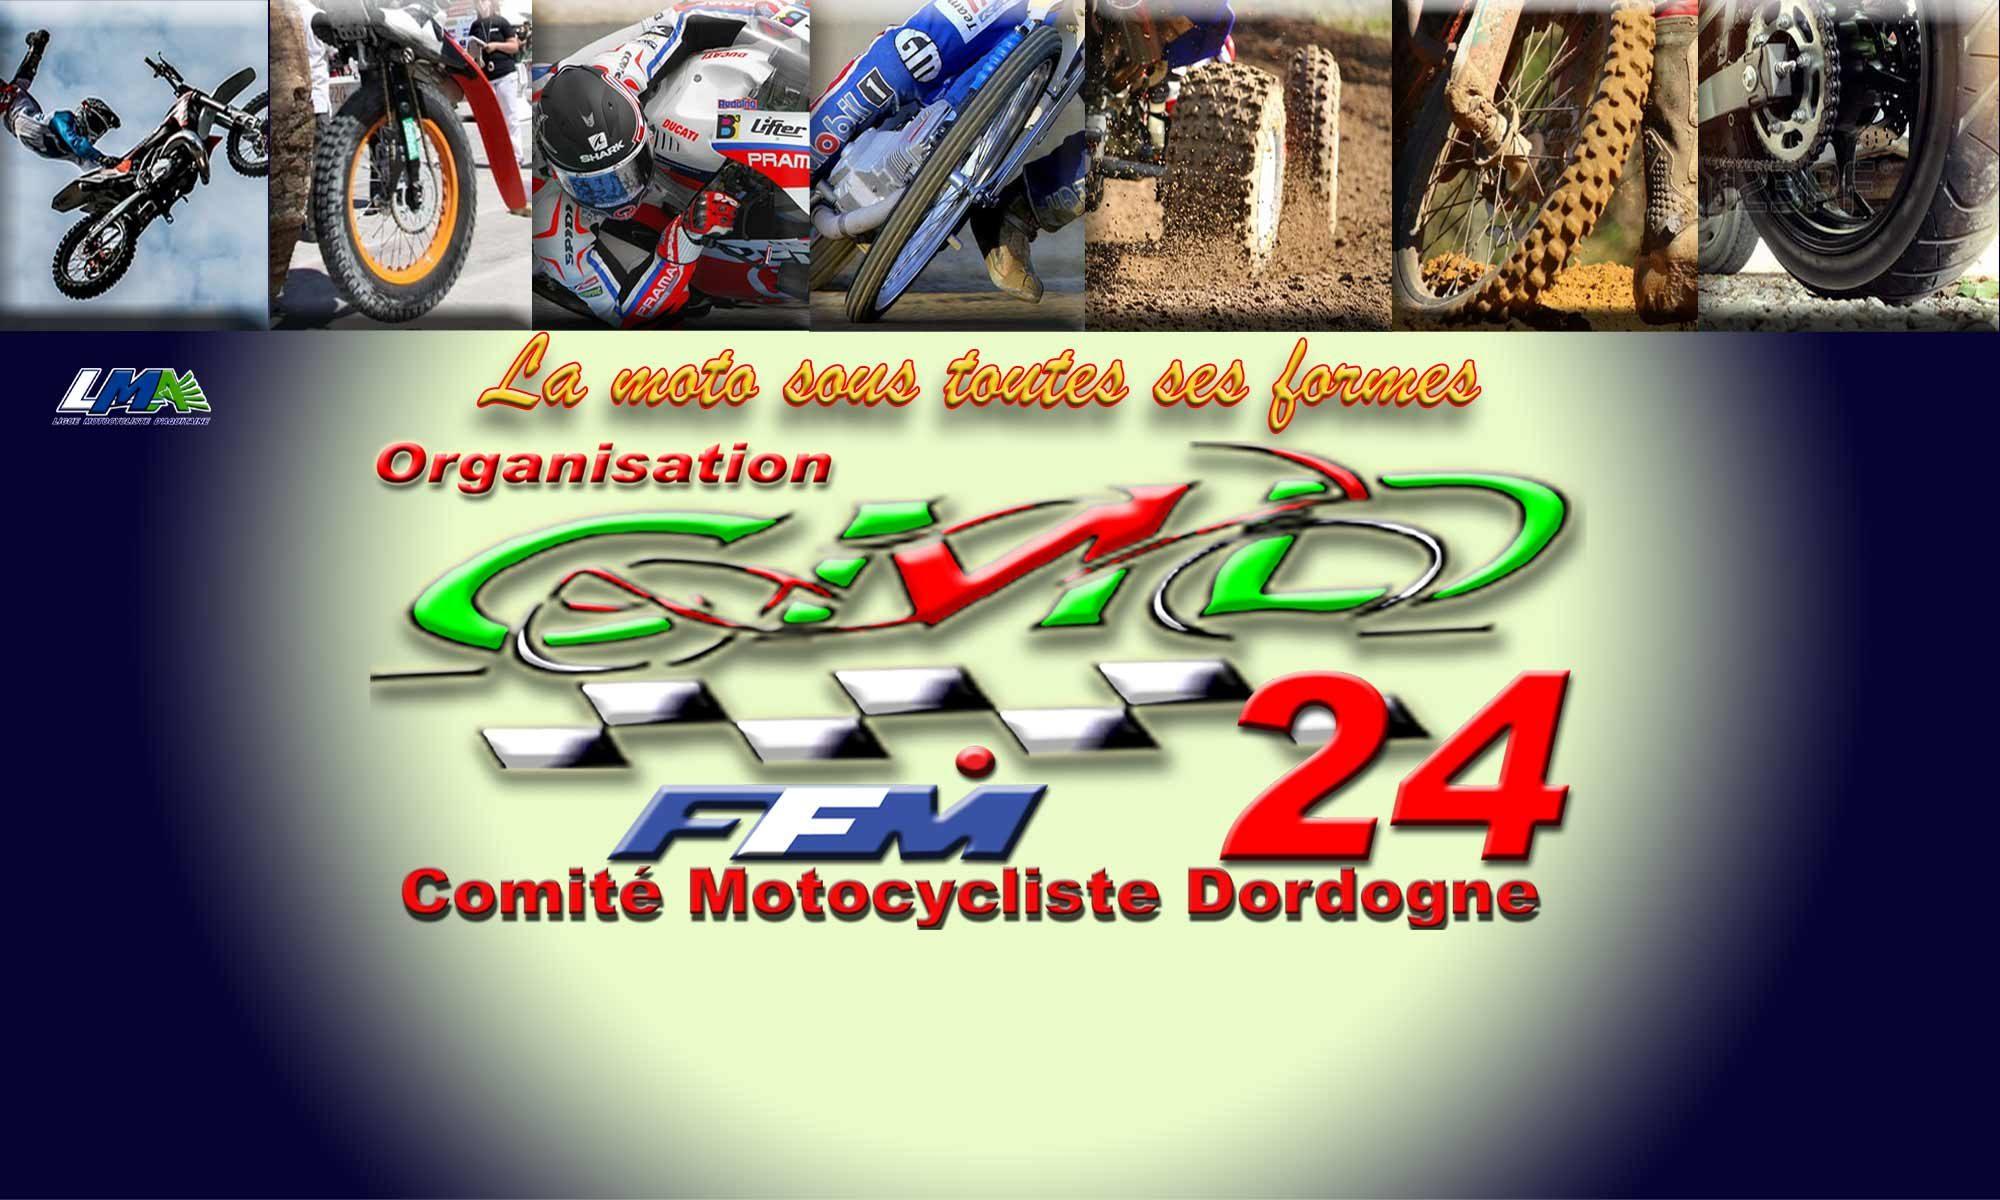 Comité Motocycliste Dordogne